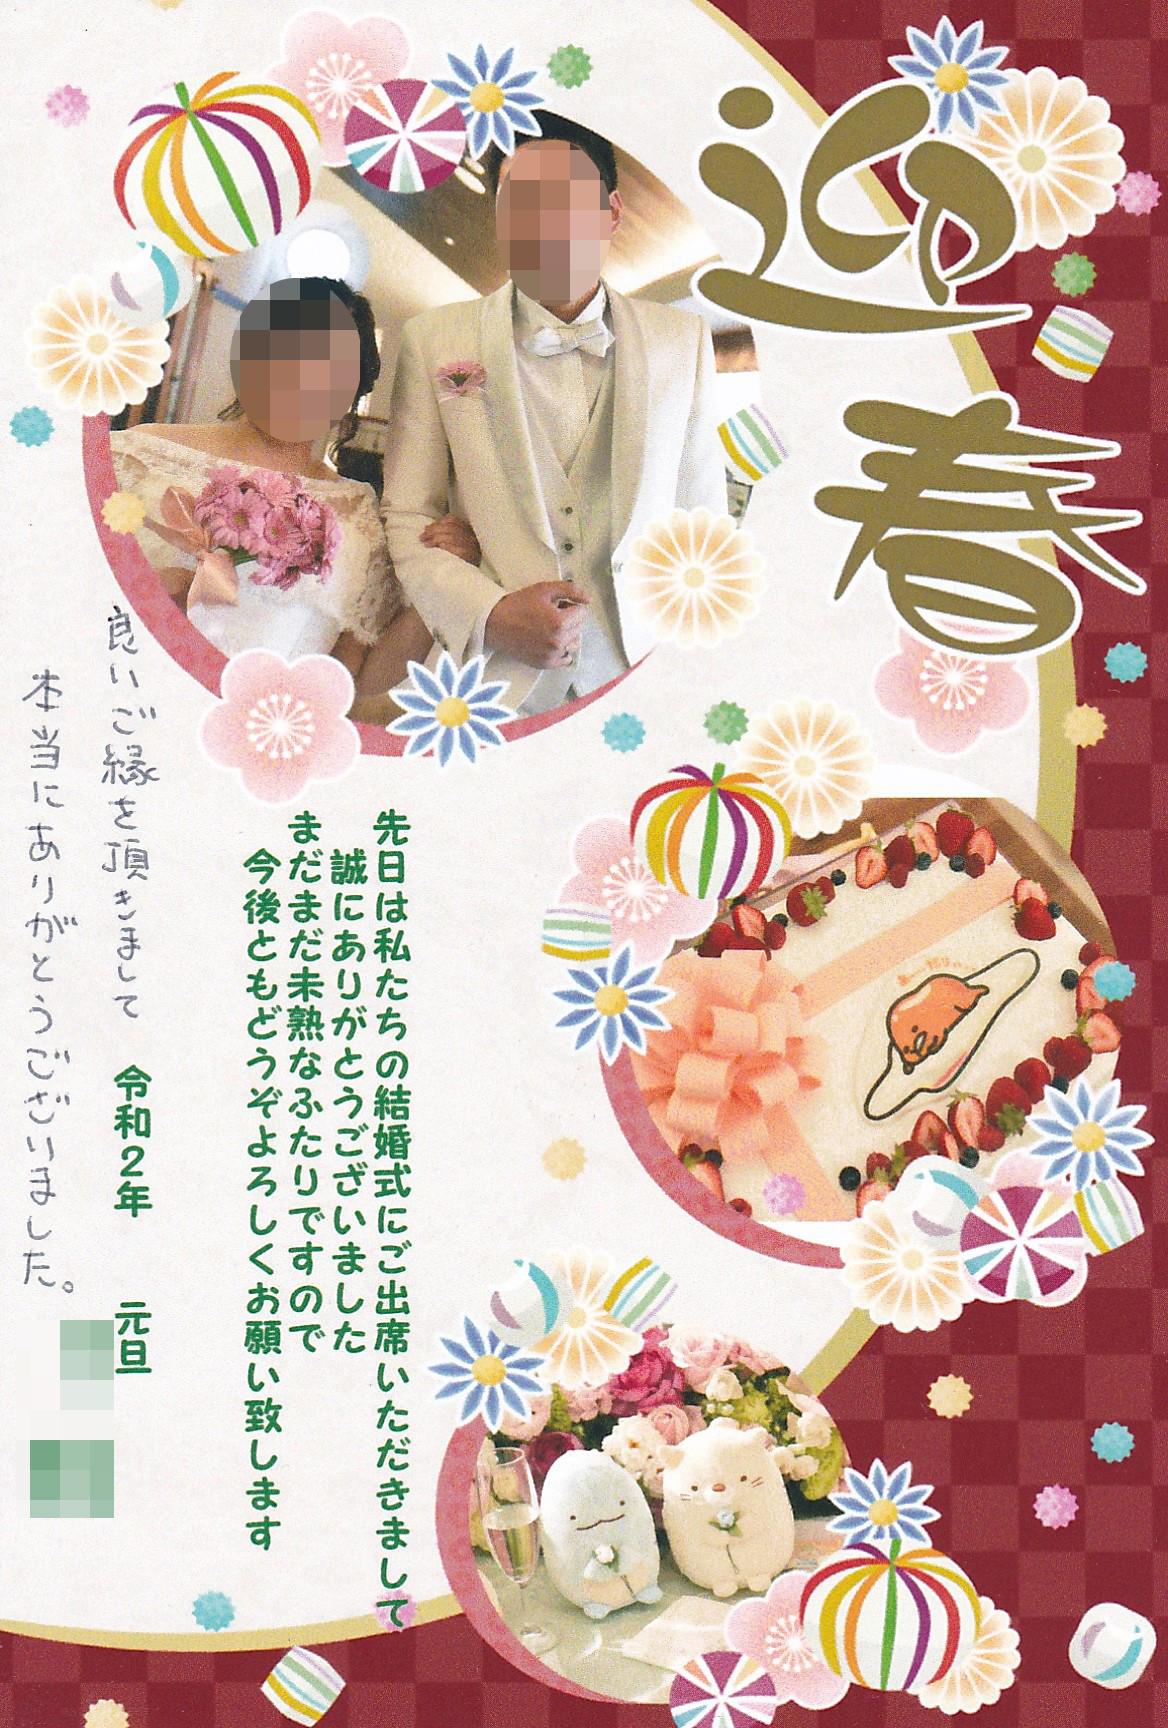 徳島のEMI(イーエムアイ)婚活結婚相談所様へ 迎春